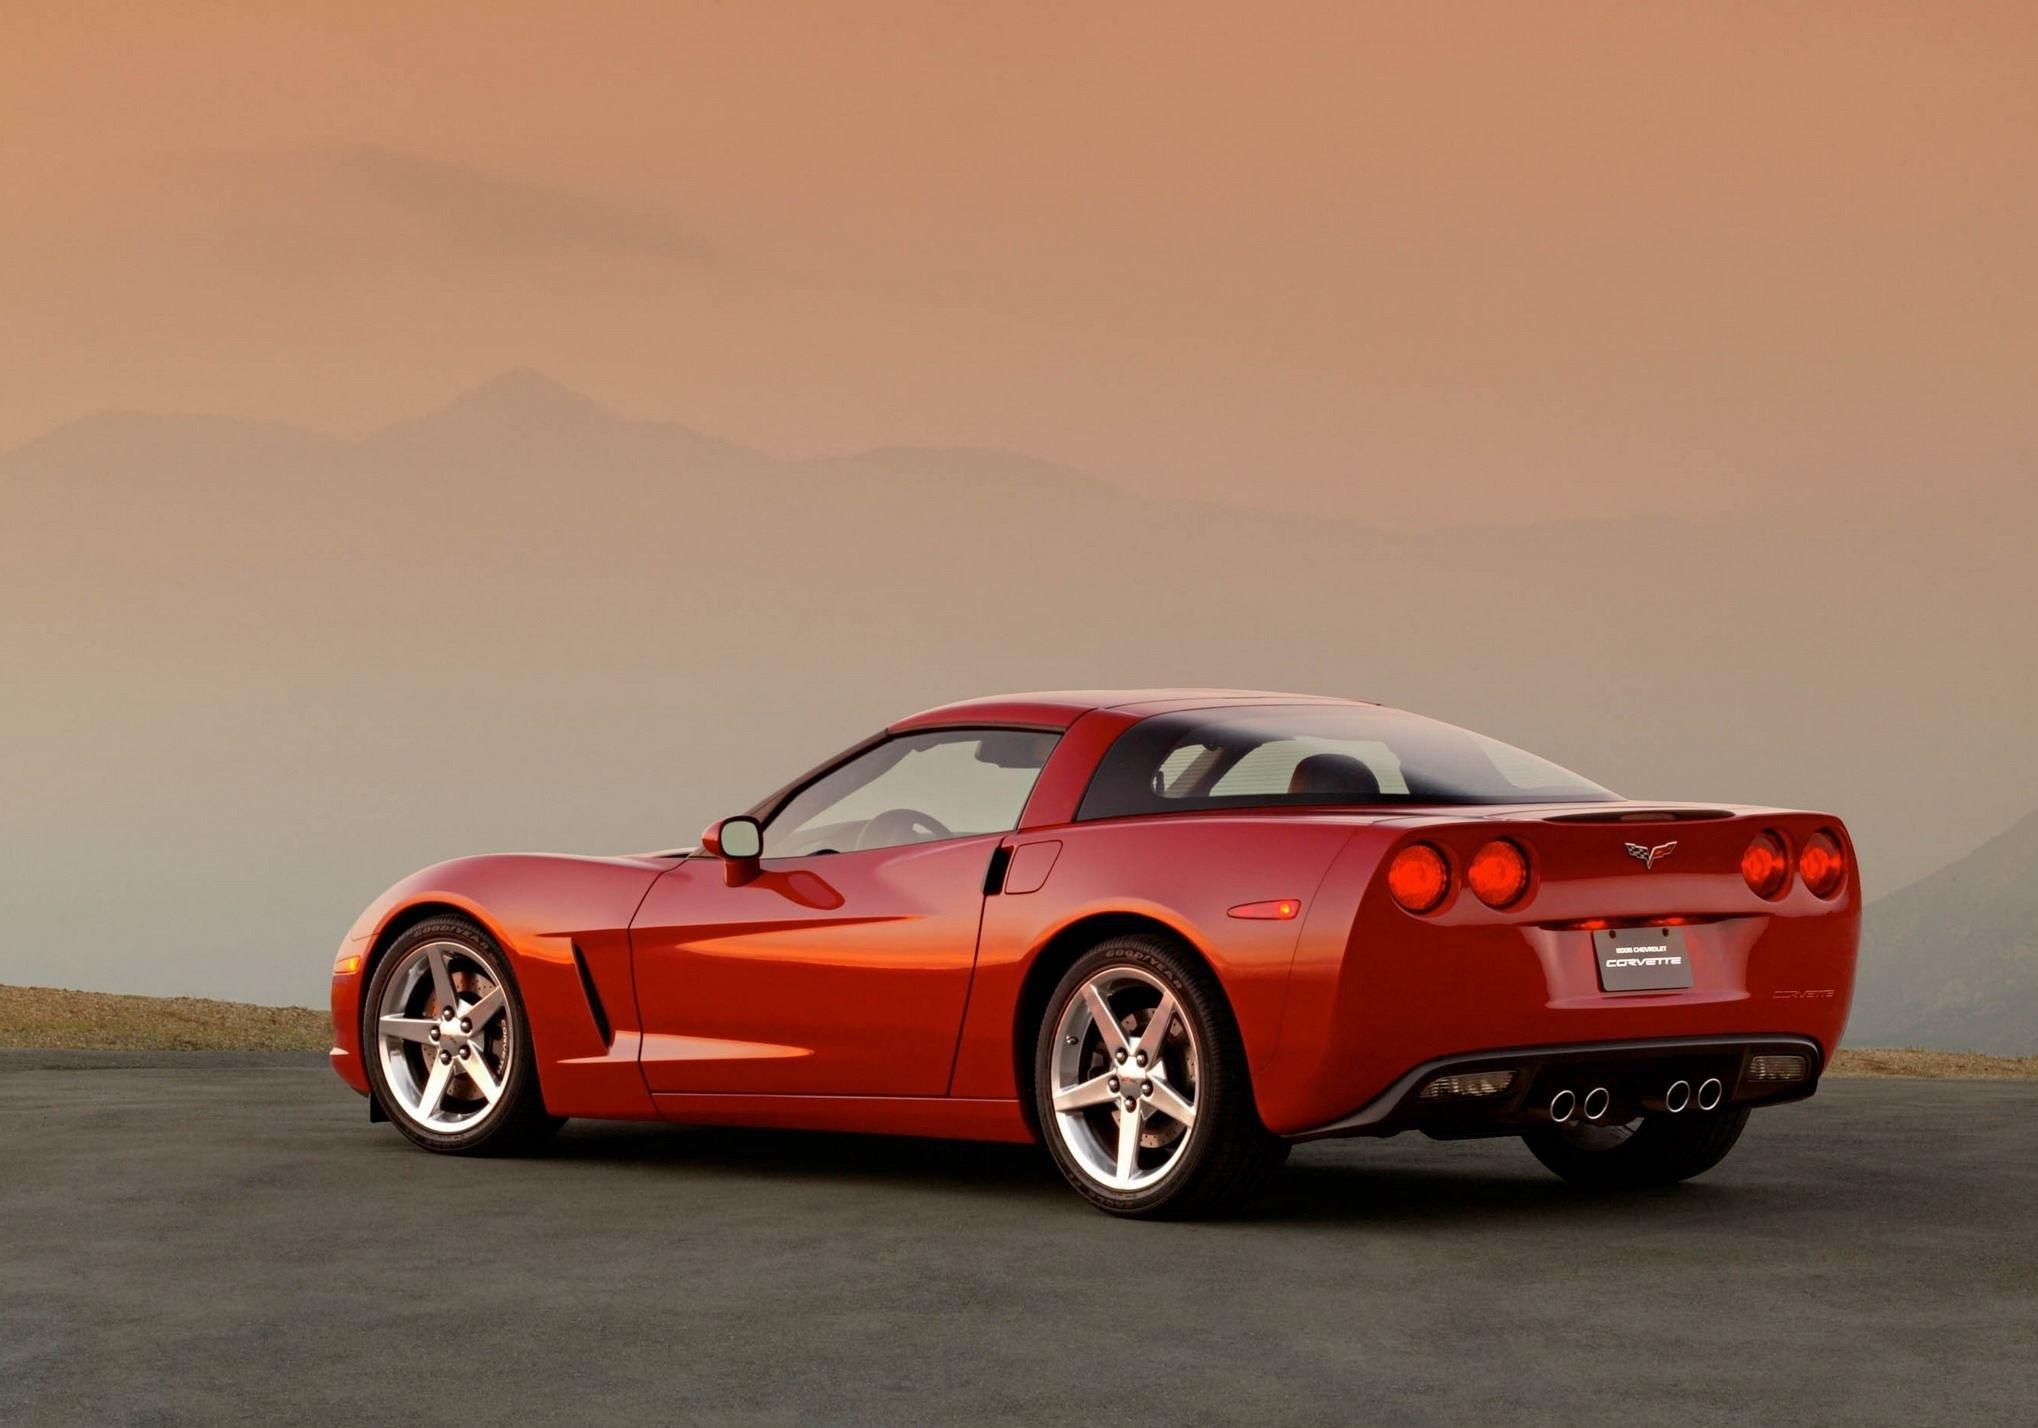 Chevrolet Corvette High Definition